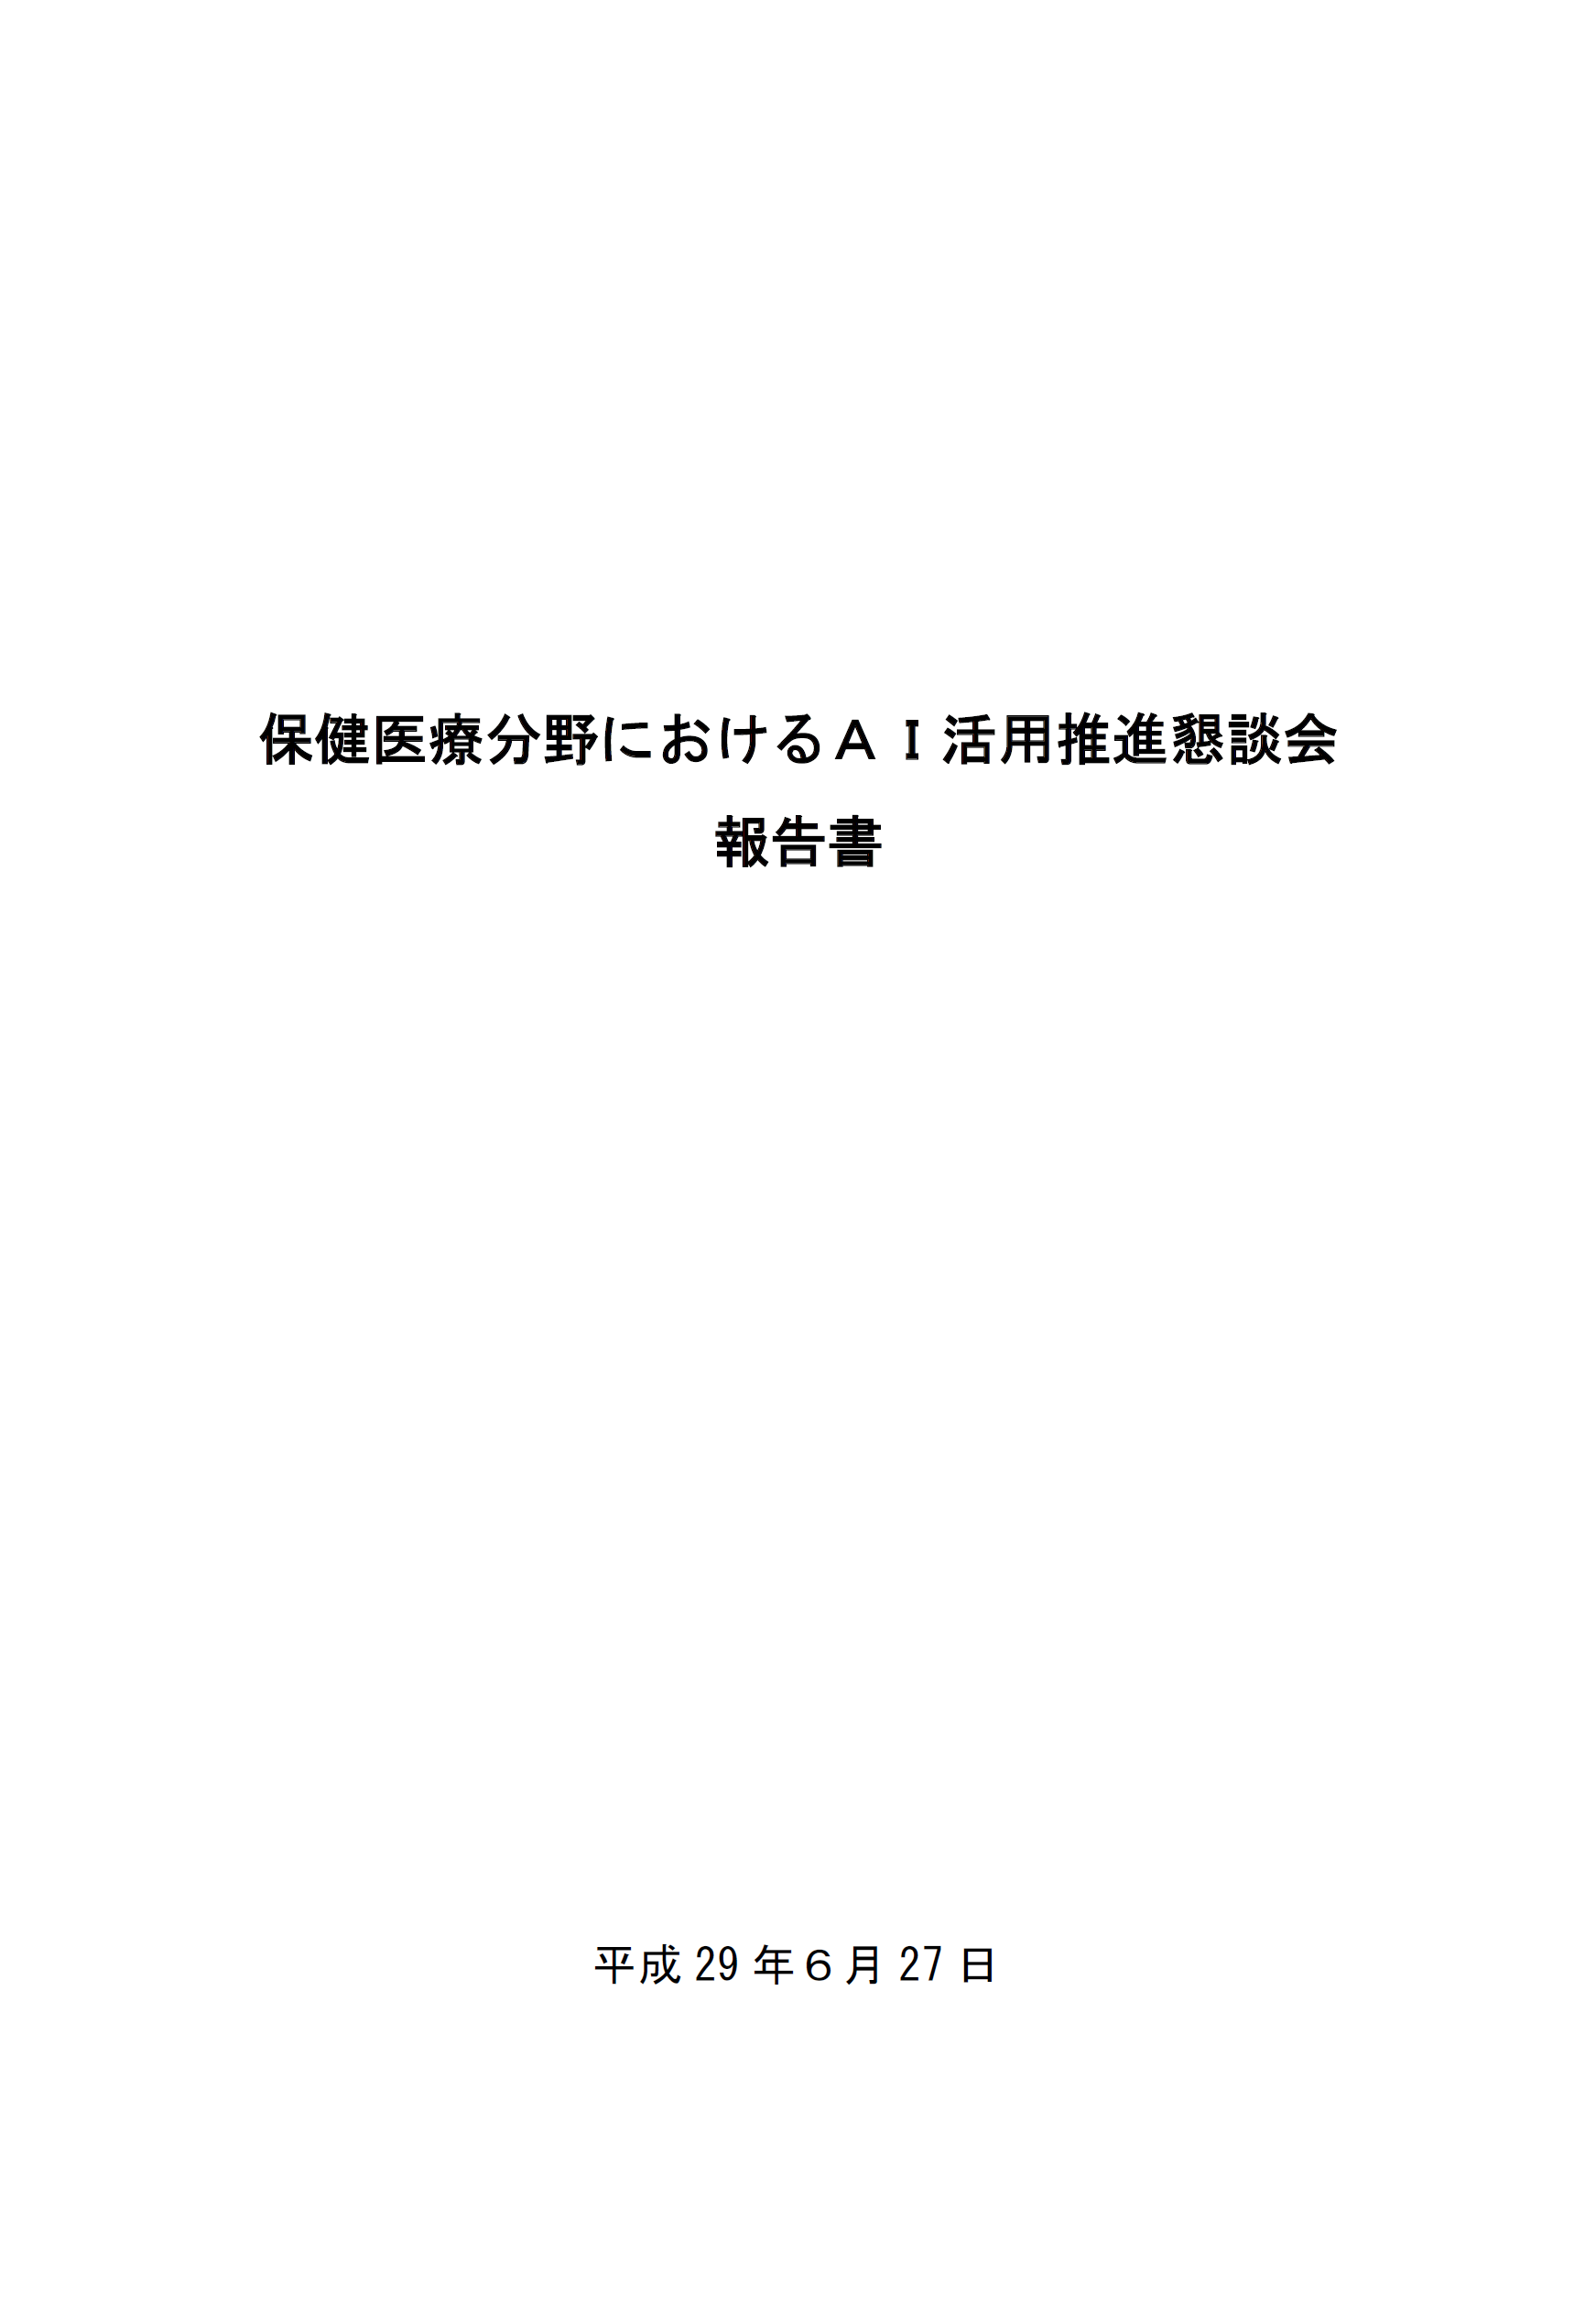 保健医療分野におけるAI活用推進懇談会報告書